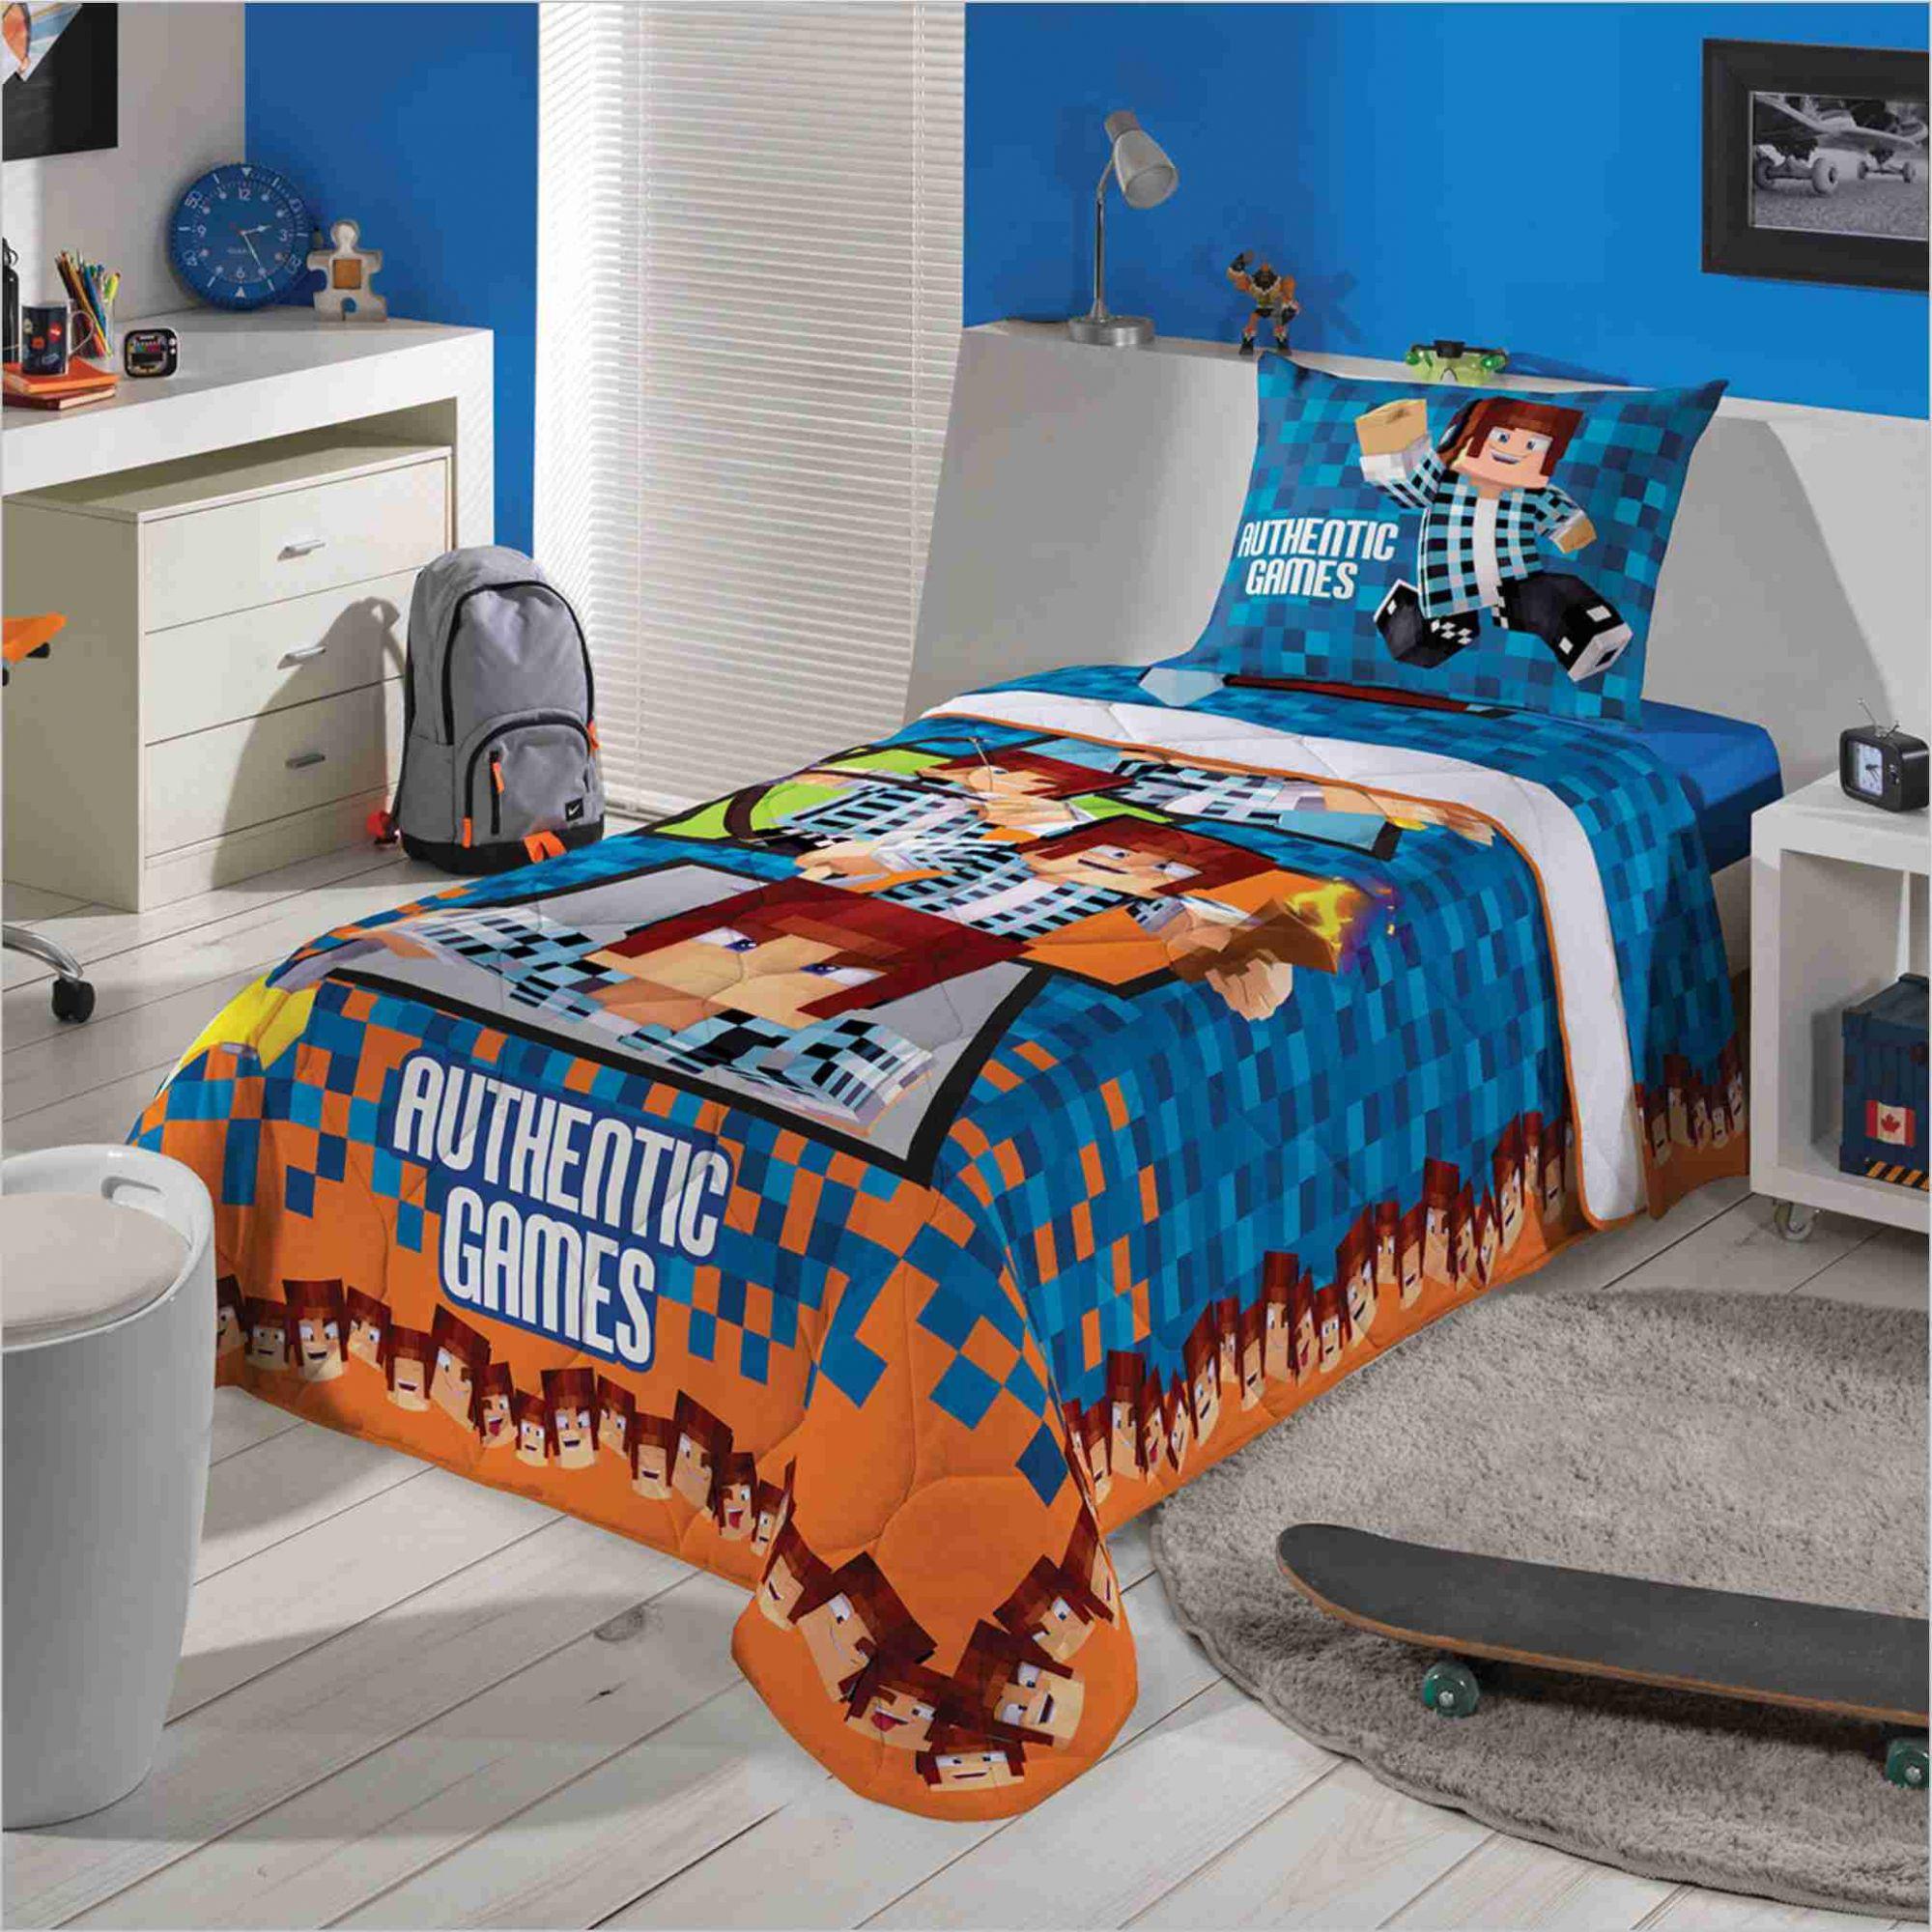 4803050024 Edredom Infantil Tipo Minecraft Authentic Games Lepper - PEQUENININHOS.COM